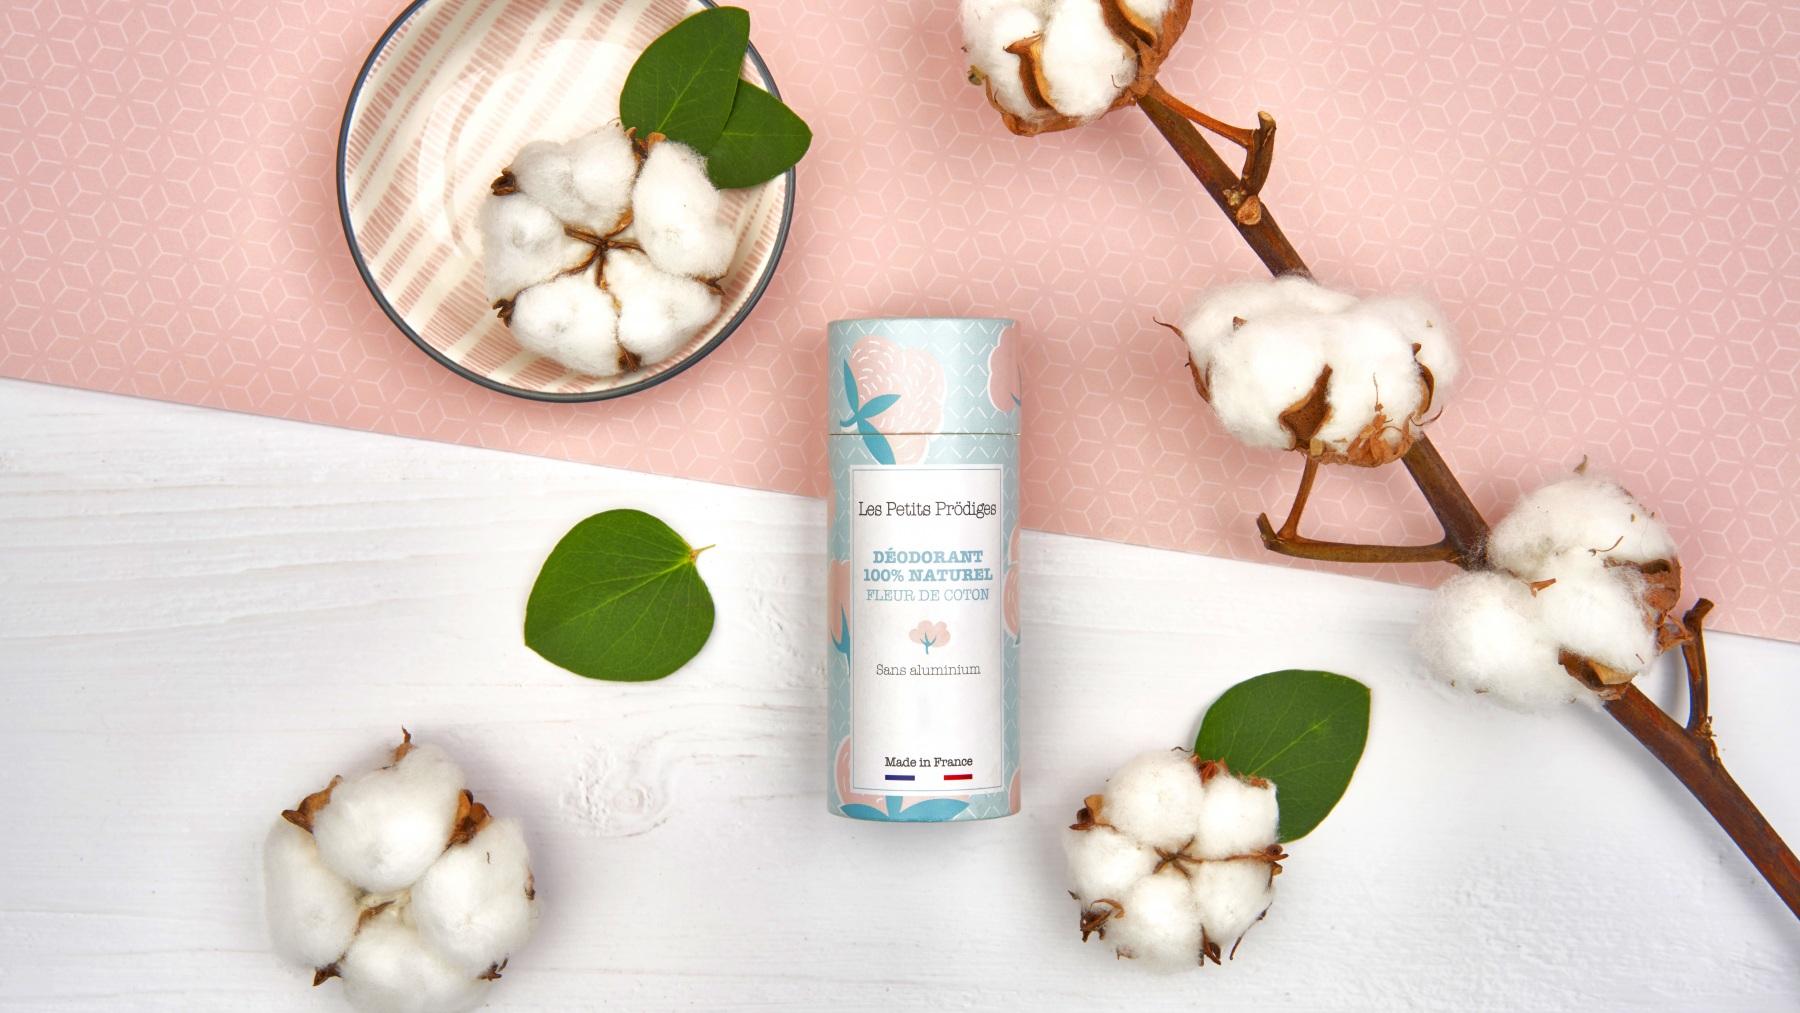 Les-Petits-Prödiges-Deodorants-Fleur-de-Coton-horizontal-